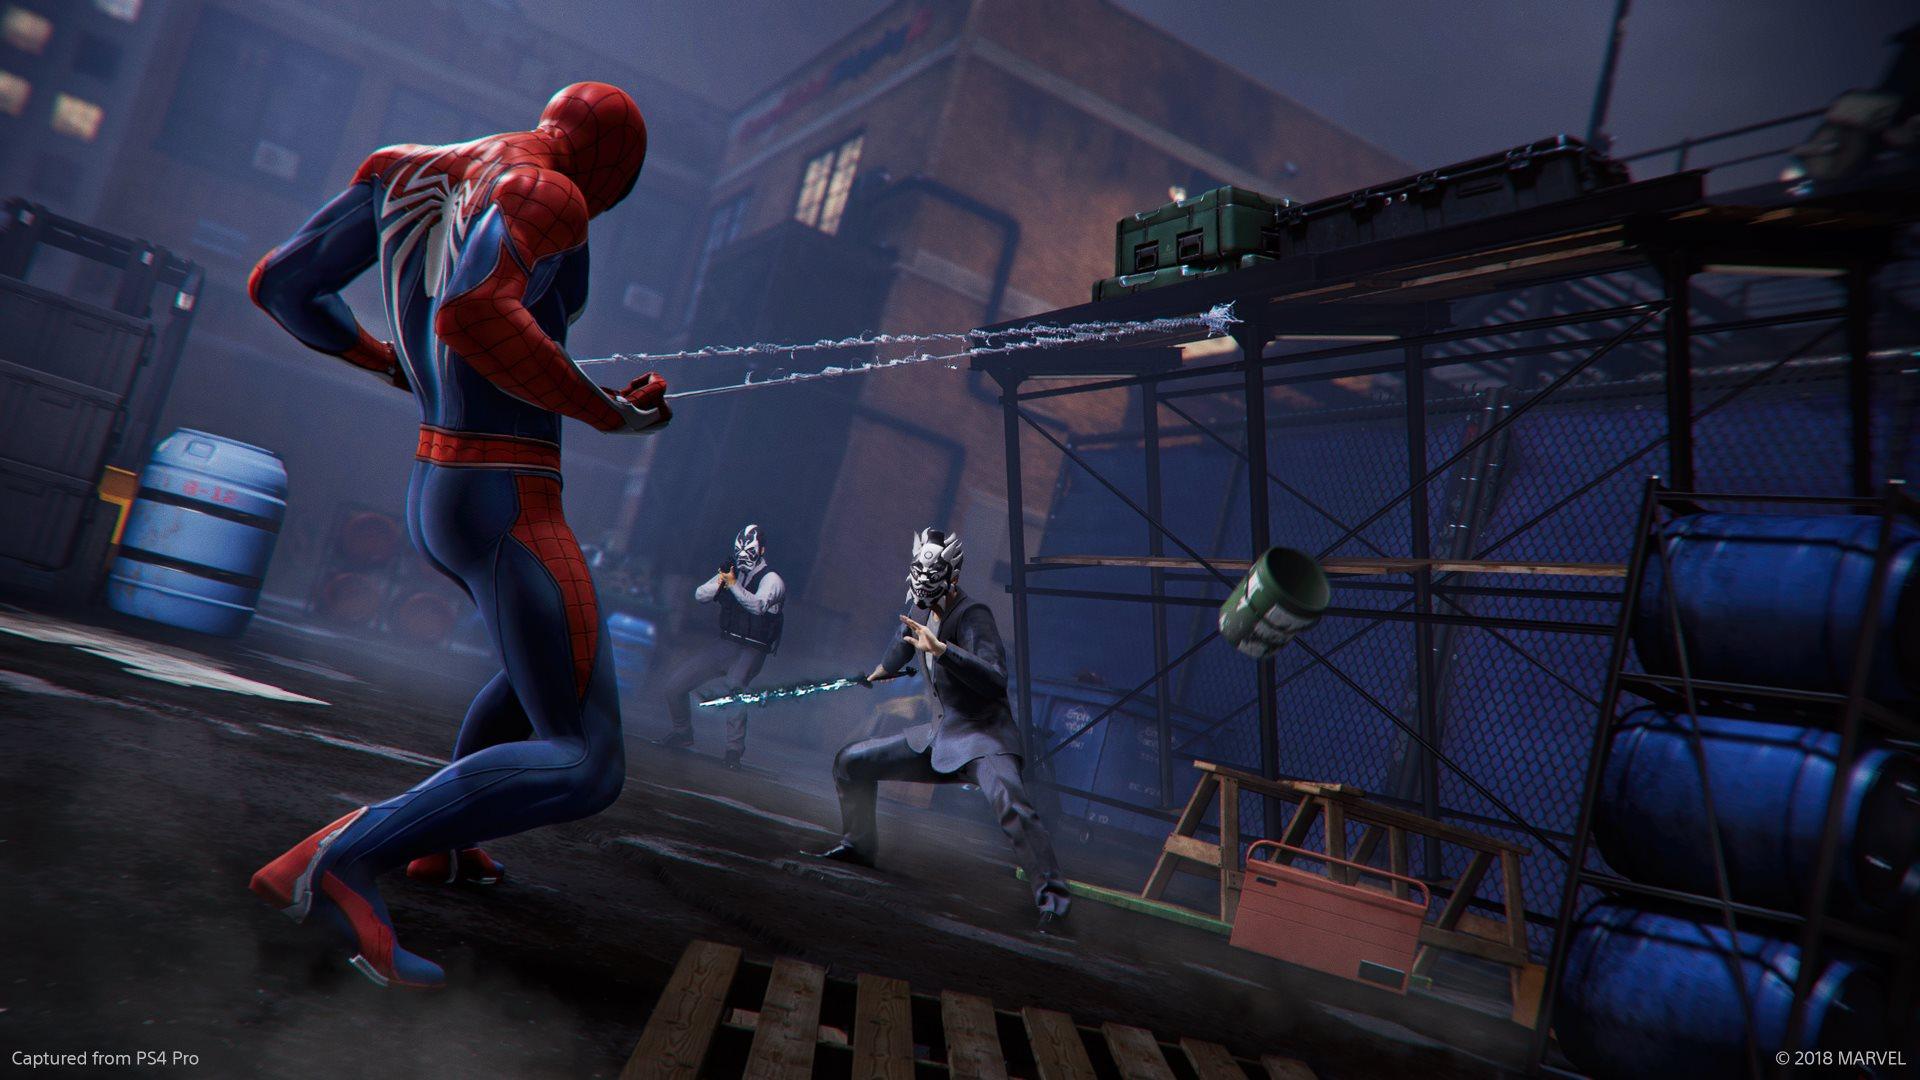 Обзор Marvel's Spider-Man - окружение